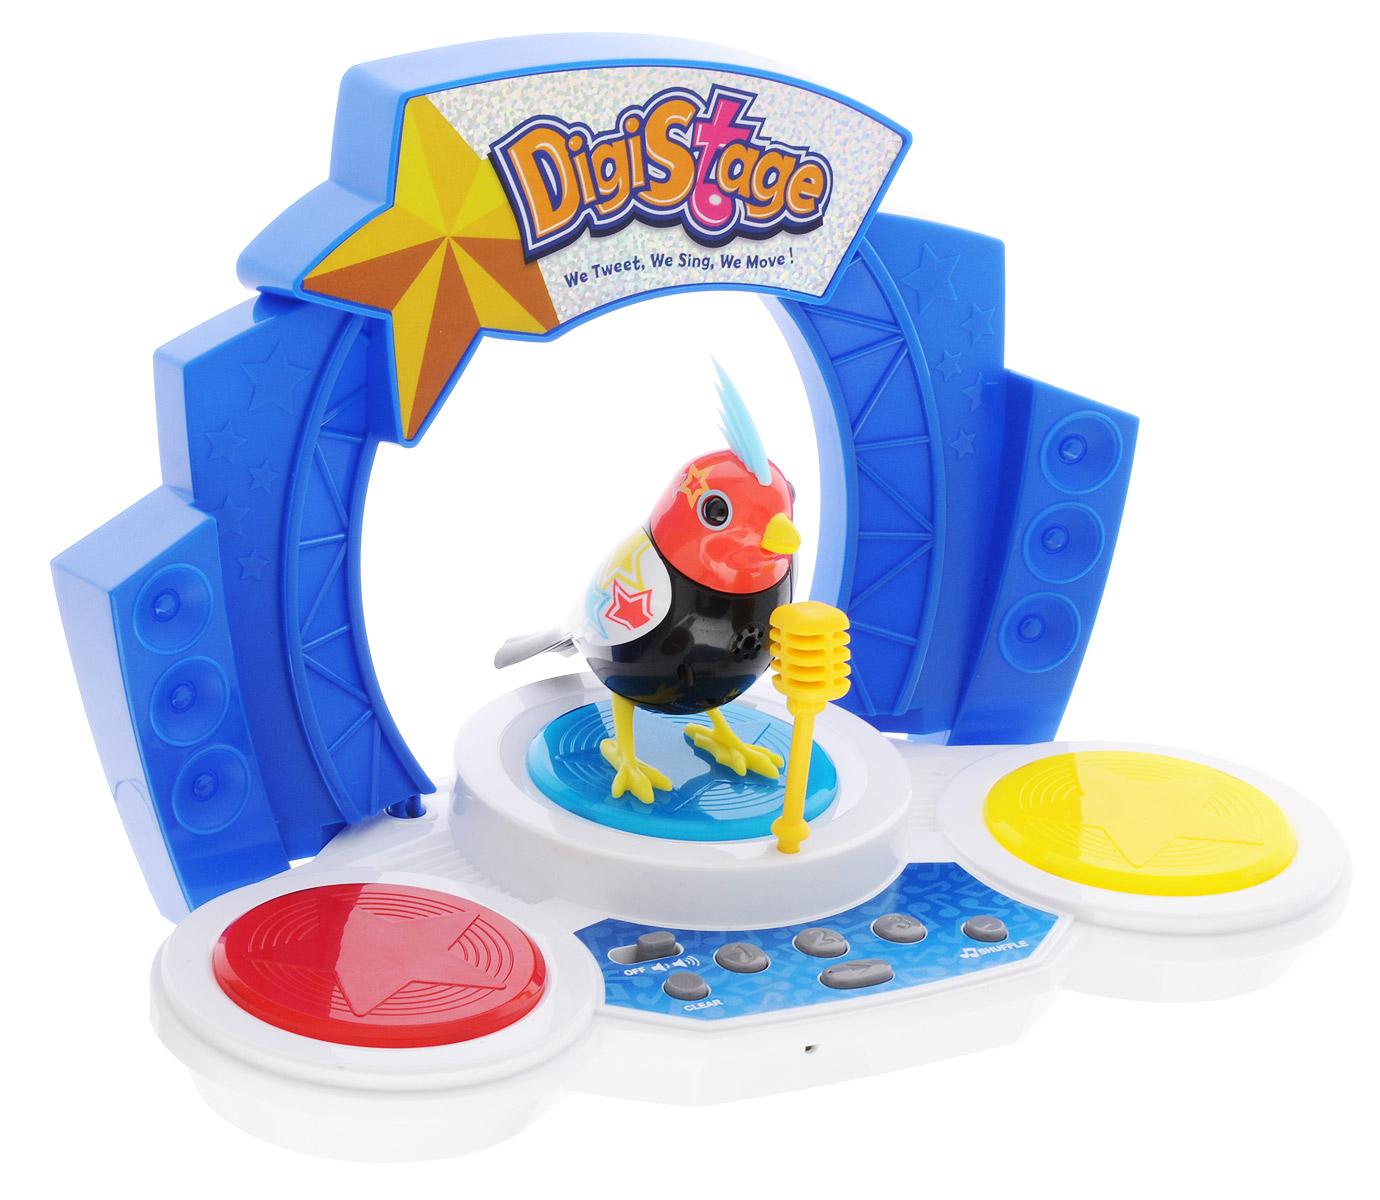 DigiFriends Интерактивная игрушка Птичка со сценой88268SПтичка с ярким оперением и голубым хохолком на голове - настоящая звезда. Для исполнения своих песен у неё есть даже настоящая сцена, сияющая разноцветными огоньками. Птица умеет петь как соло, так и в хоре - вместе с другими птичками и сценой. На сцене есть специальные кнопки, с помощью которых нужно набирать четырёхзначные коды для активации той или иной популярной песни. Для последовательного проигрывания мелодий необходимо ввести сразу несколько кодов, записанных в специальной карточке. Голова птички двигается в такт мелодии, а клюв - открывается. Для синхронизации с мелодиями сцены необходимо включить птичку в режим хора. Игрушка также может спеть вместе со всеми персонажами Digifriends. Птичка, которую активировали первой, становится солистом. В комплект входит кольцо-свисток, которое может быть использовано в качестве насеста-переноски. Чтобы активировать режим проигрывания мелодий и птичьего щебета, достаточно посвистеть в свисток. Игрушка издает 55 вариантов...